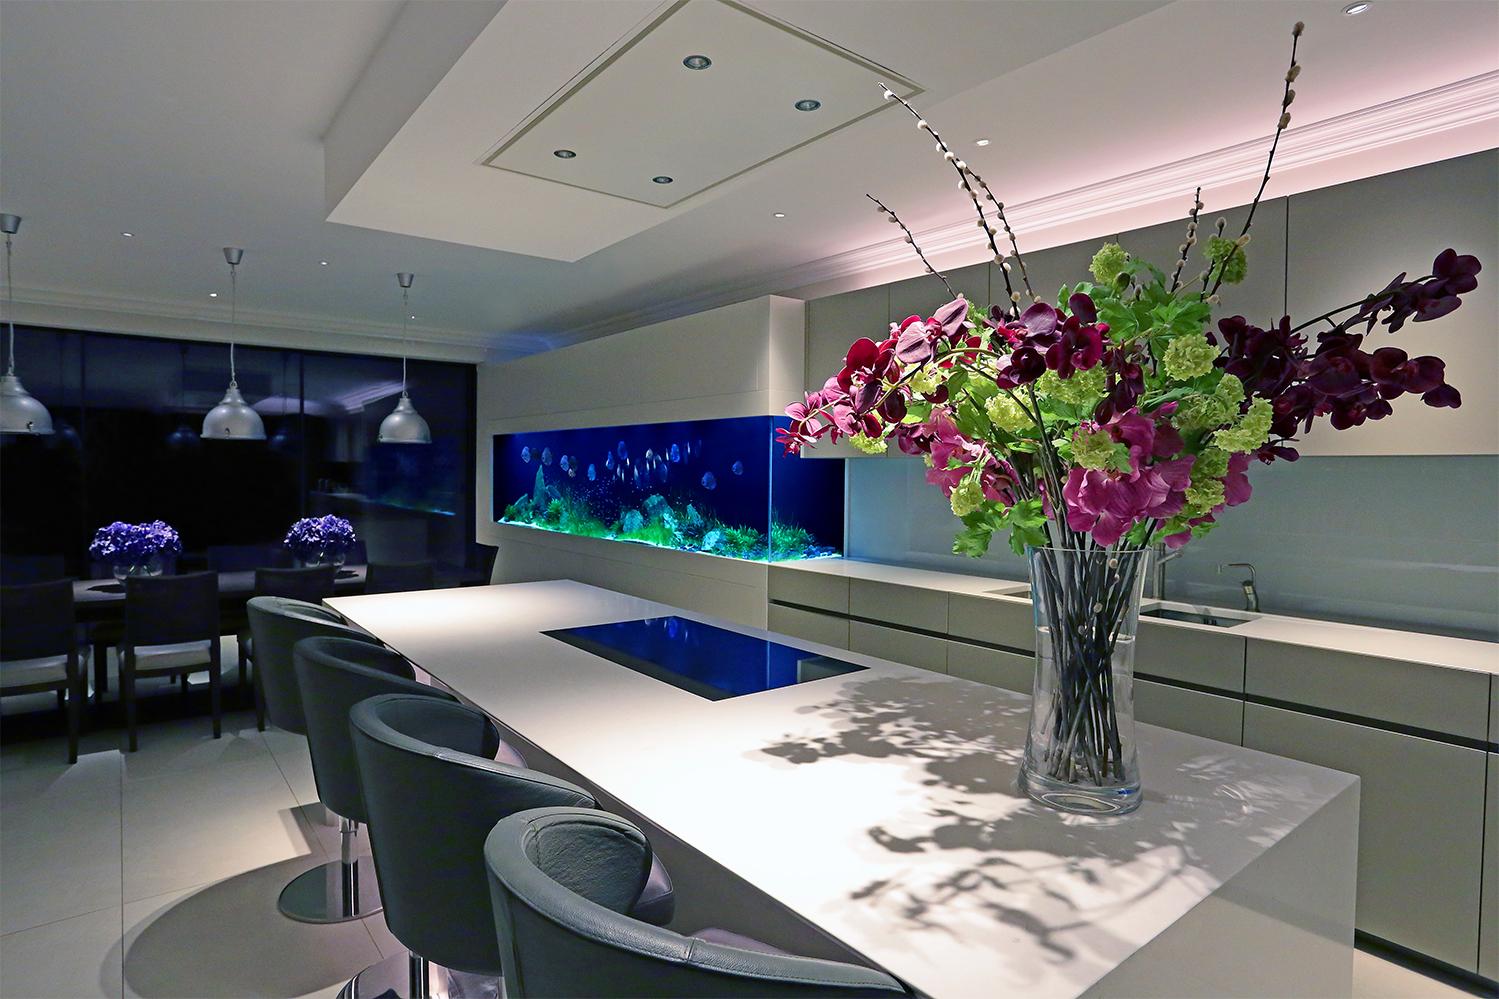 Beau Aquarium Architecture